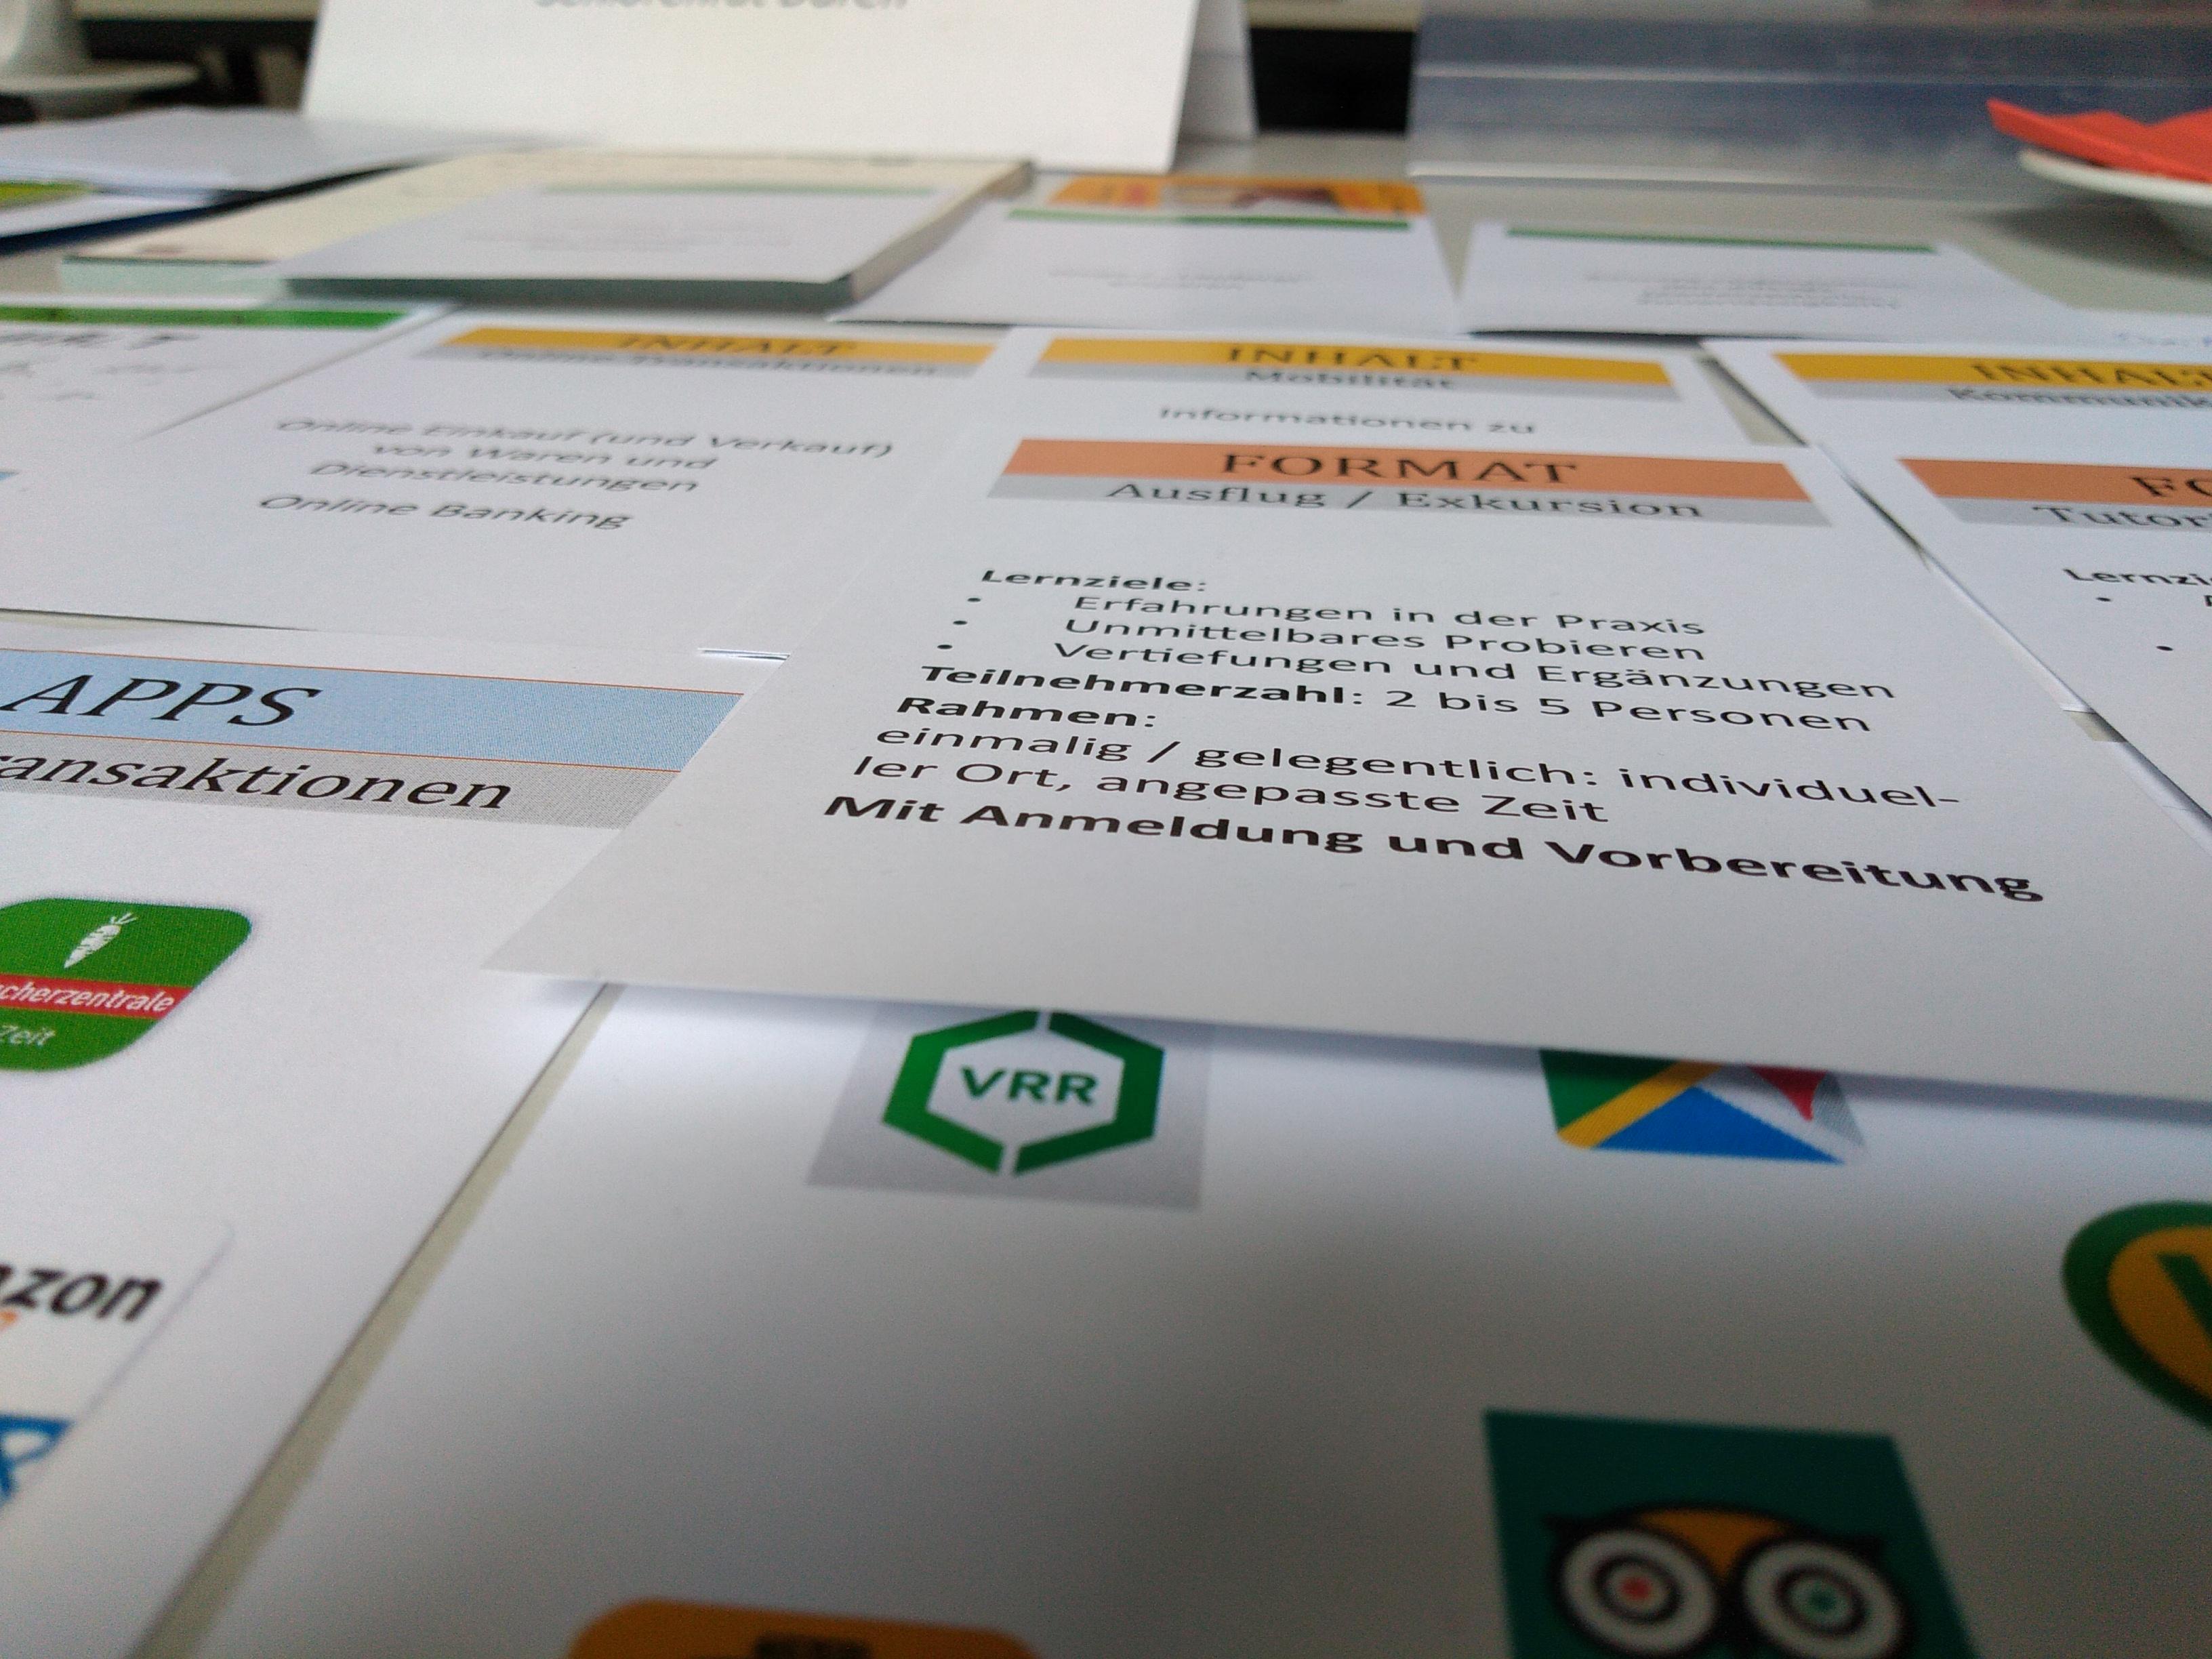 Unterlagen aus dem Workshop